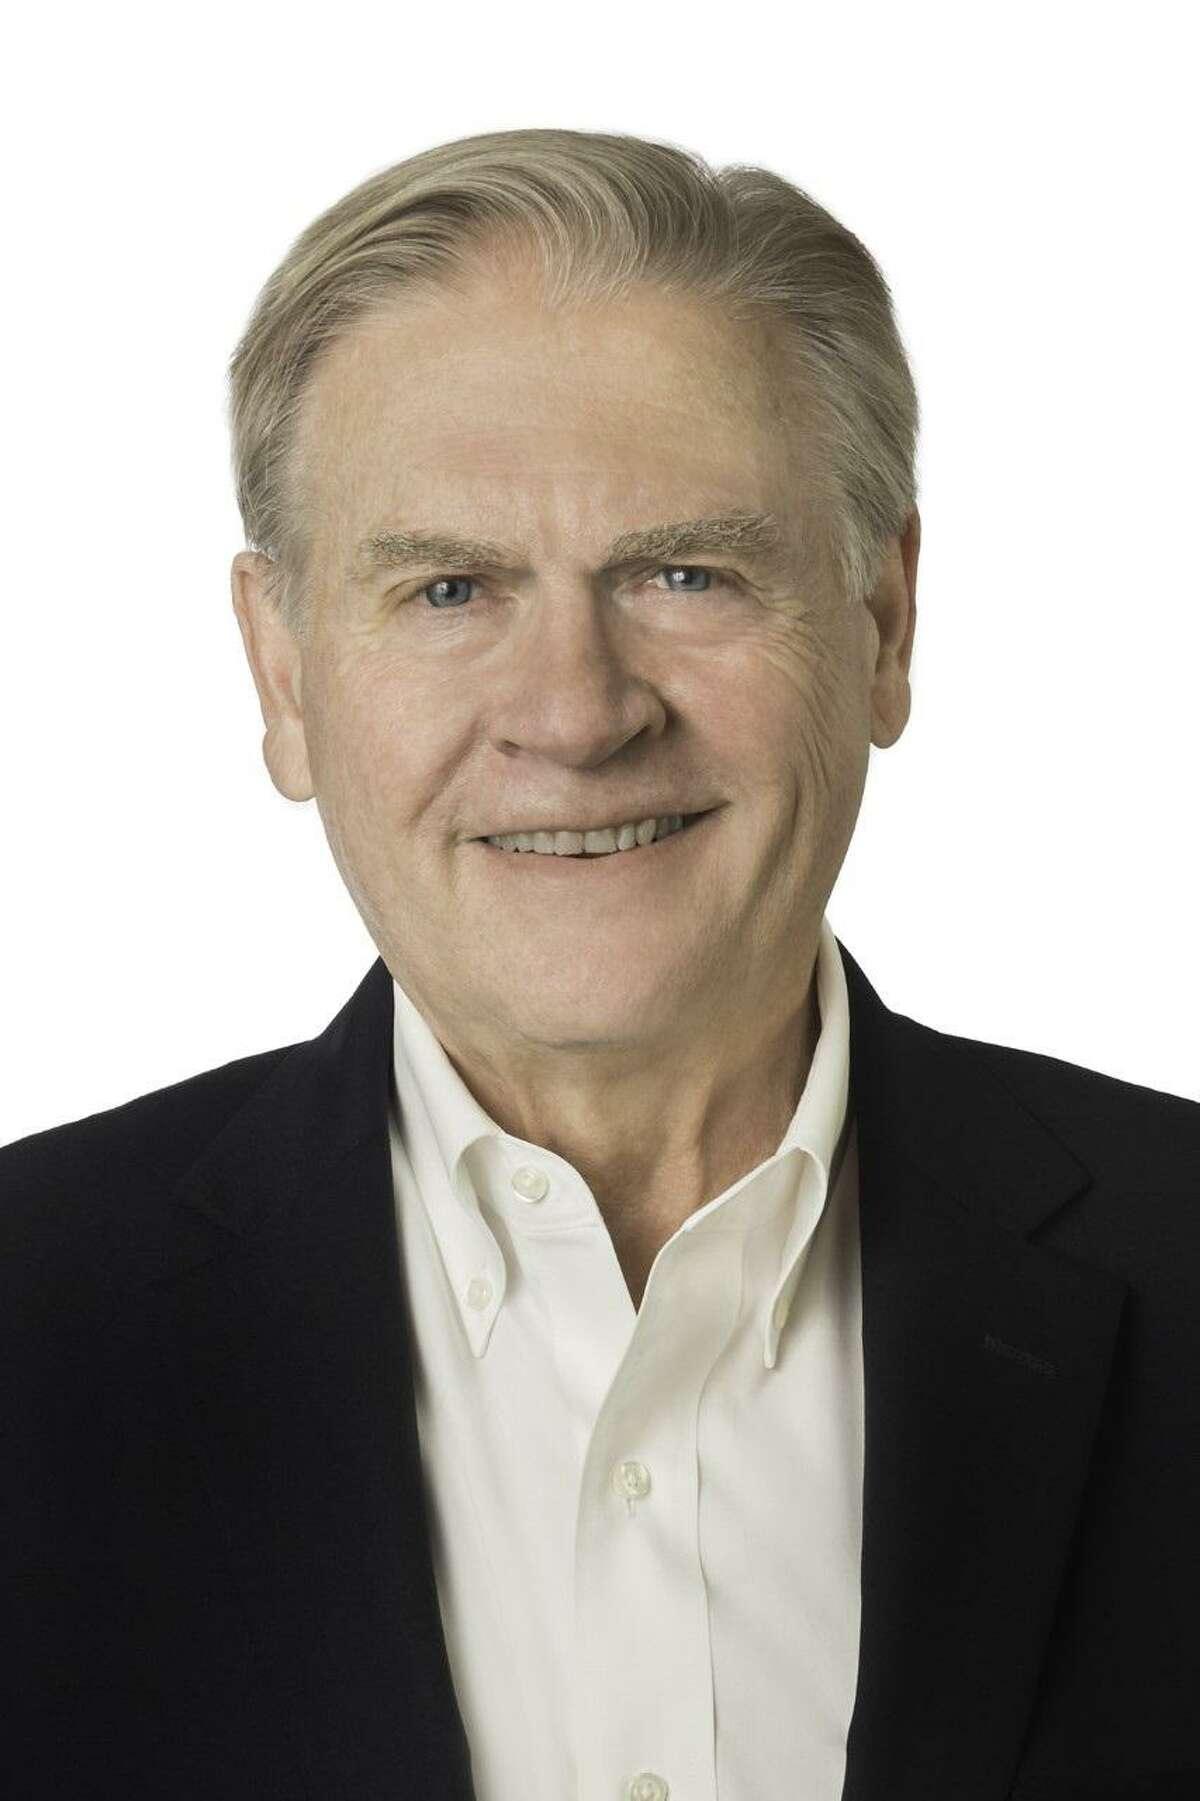 Jack Hortsmeyer